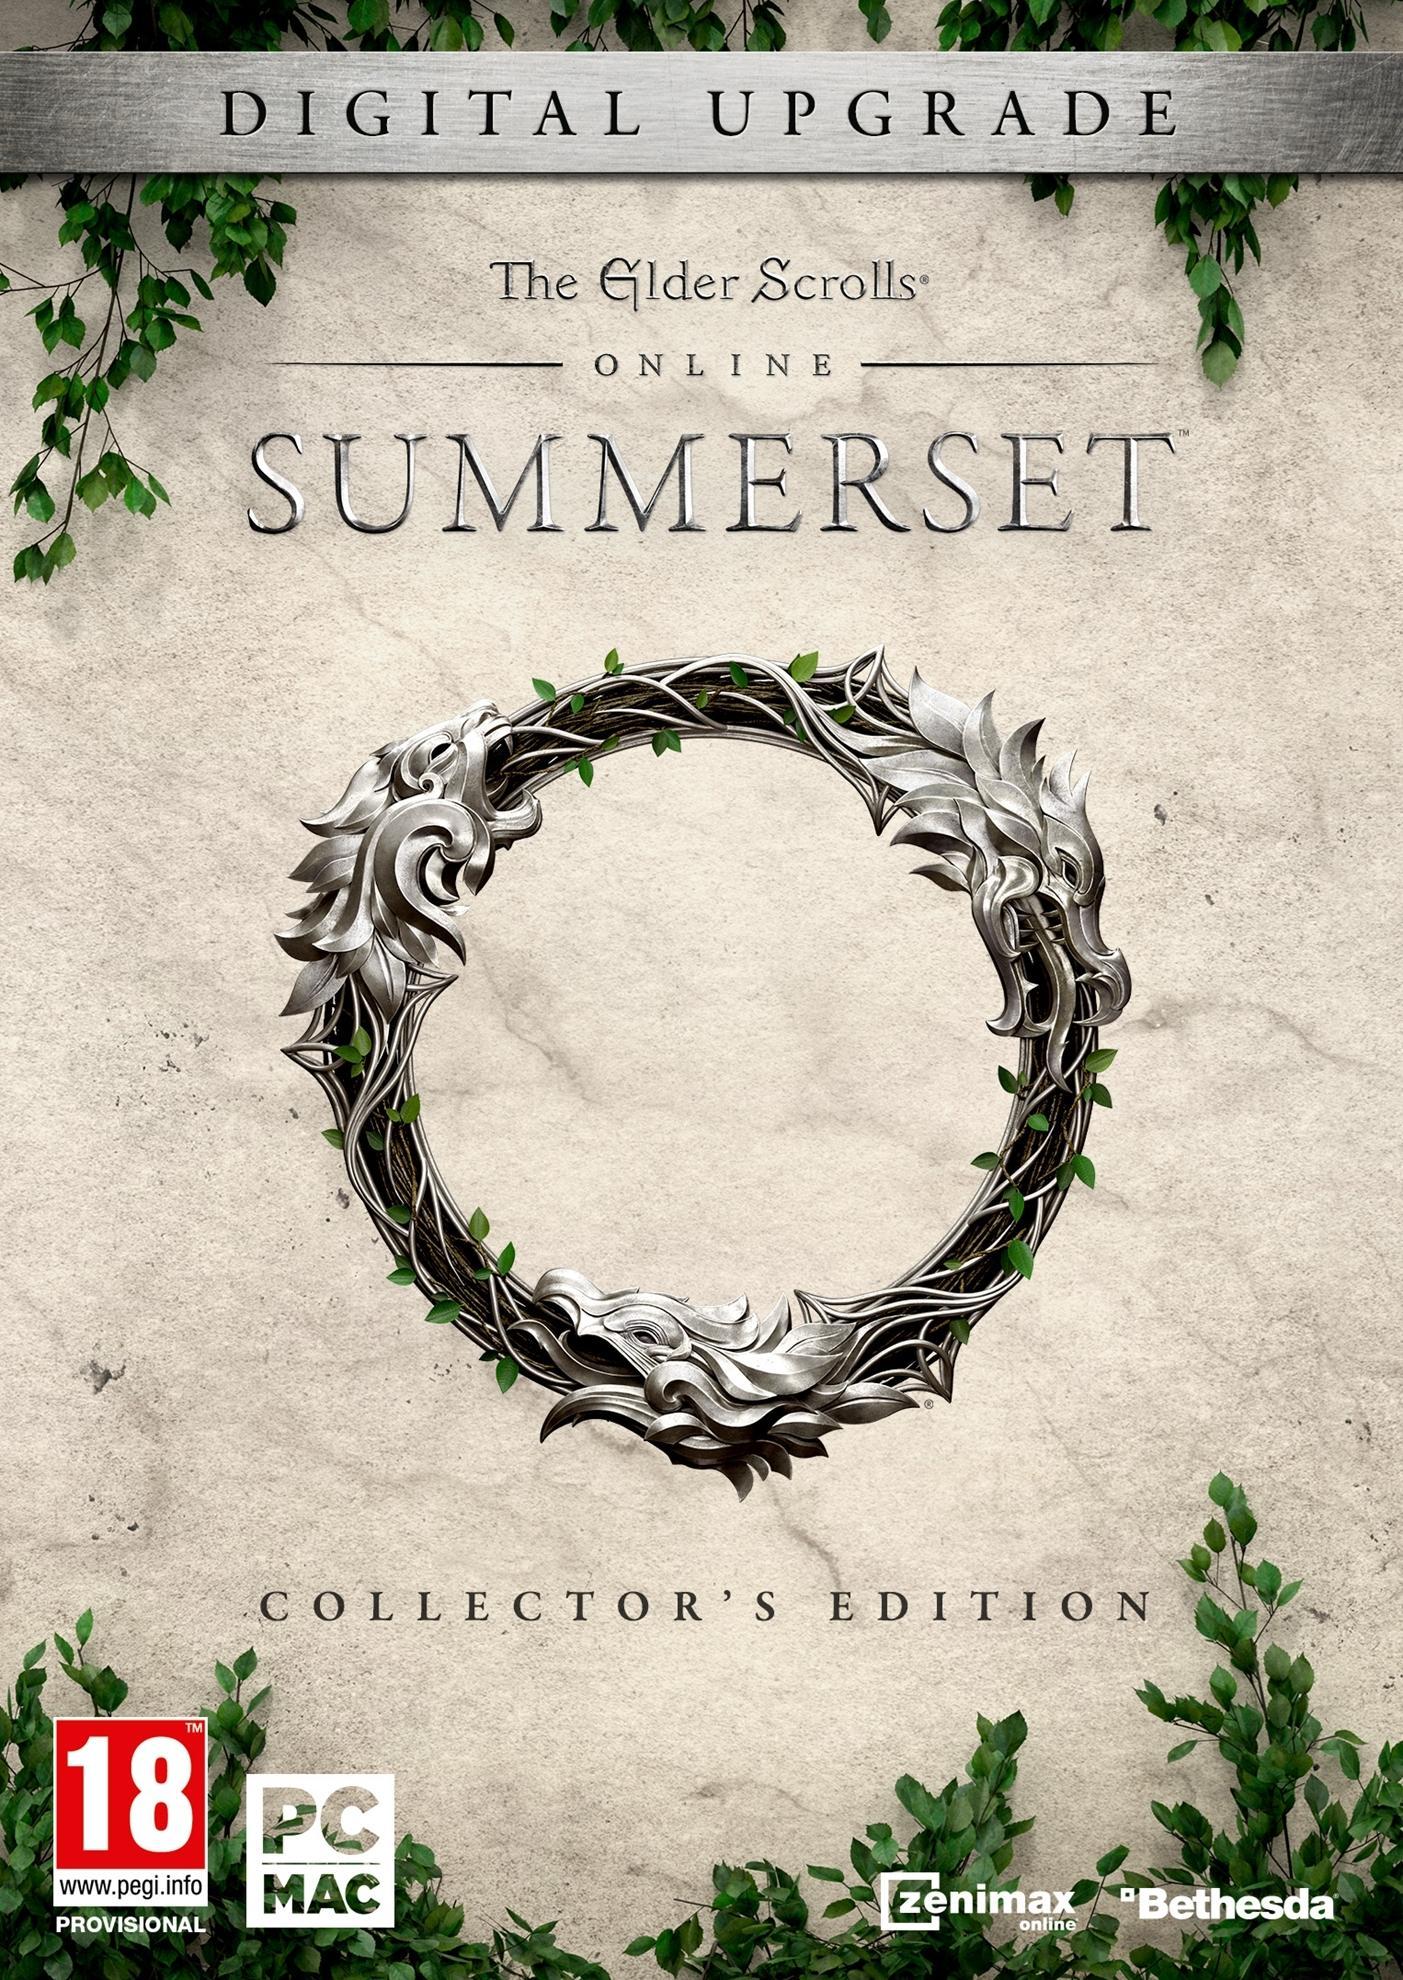 The Elder Scrolls Online: Summerset - Digital Collector's Upgrade